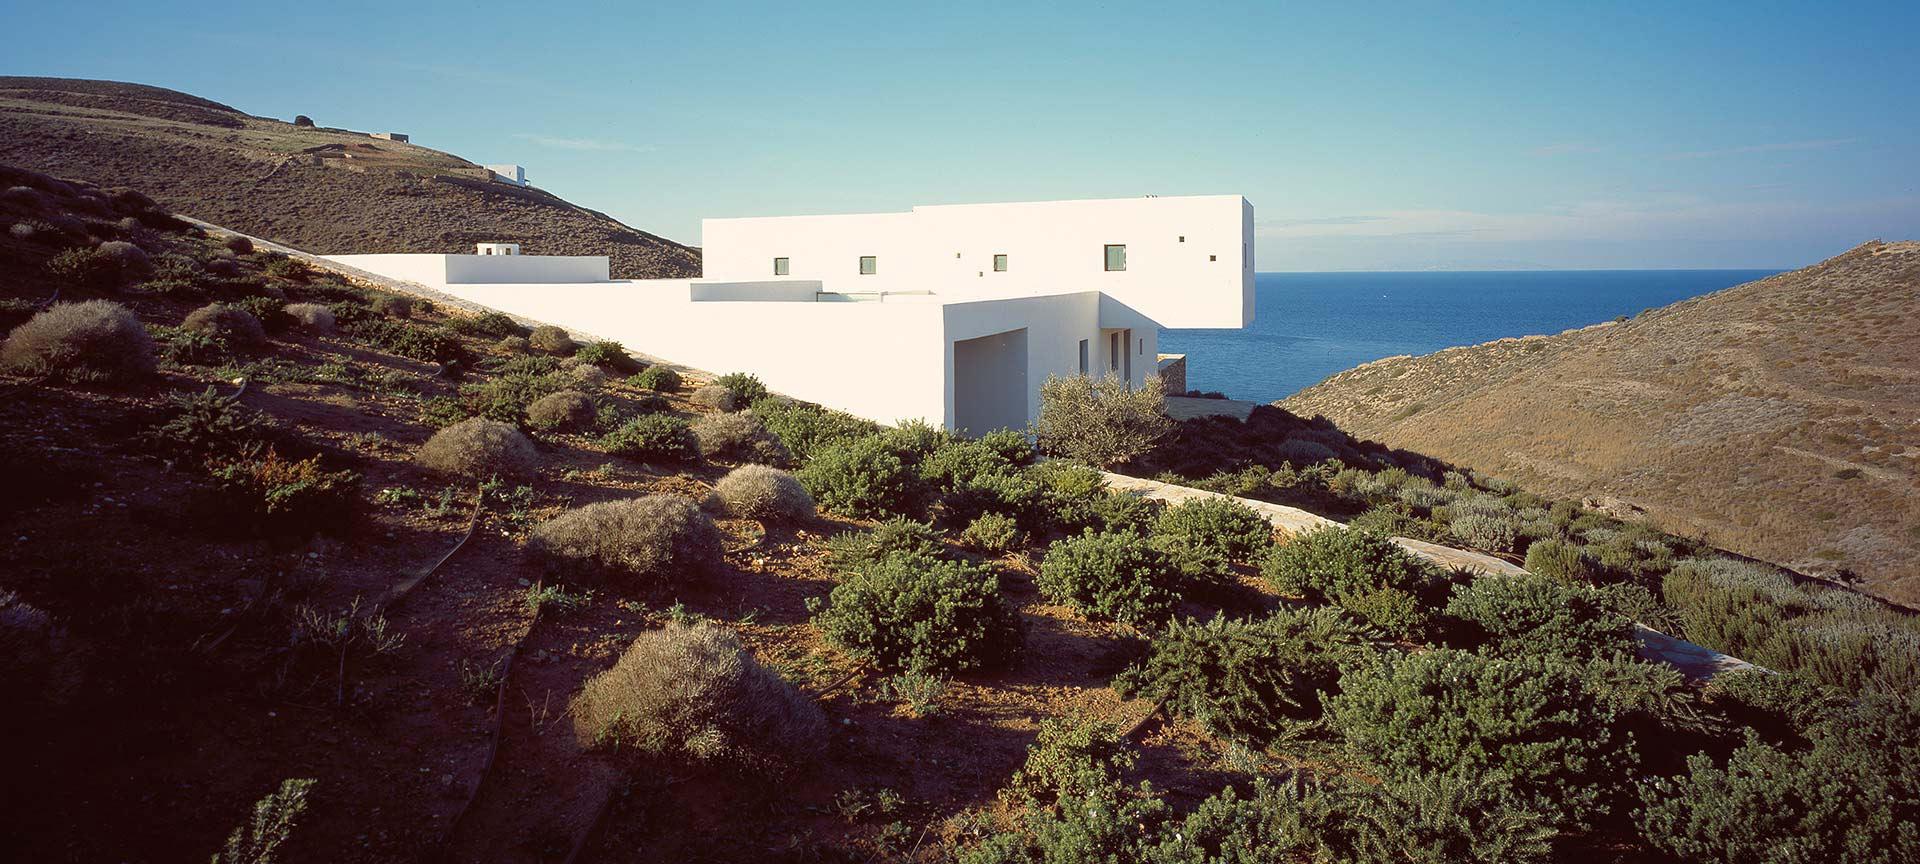 casa-piscina-borde-mykonos-011